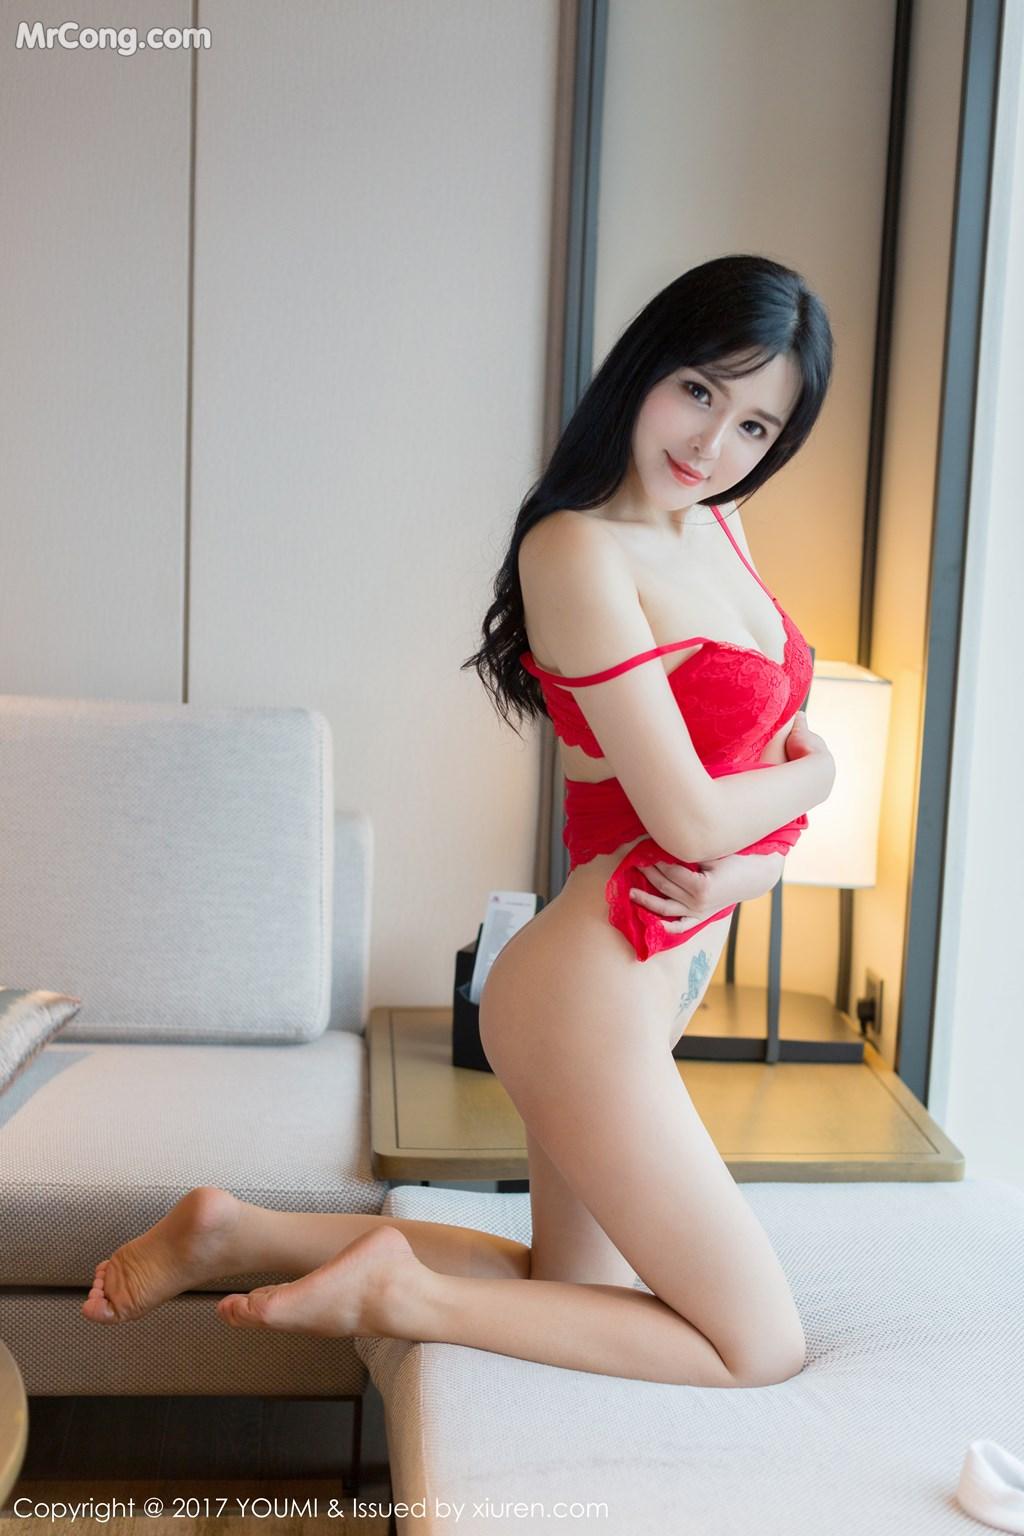 Image YouMi-Vol.064-Liu-Yu-Er-MrCong.com-015 in post YouMi Vol.064: Người mẫu Liu Yu Er (刘钰儿) (46 ảnh)